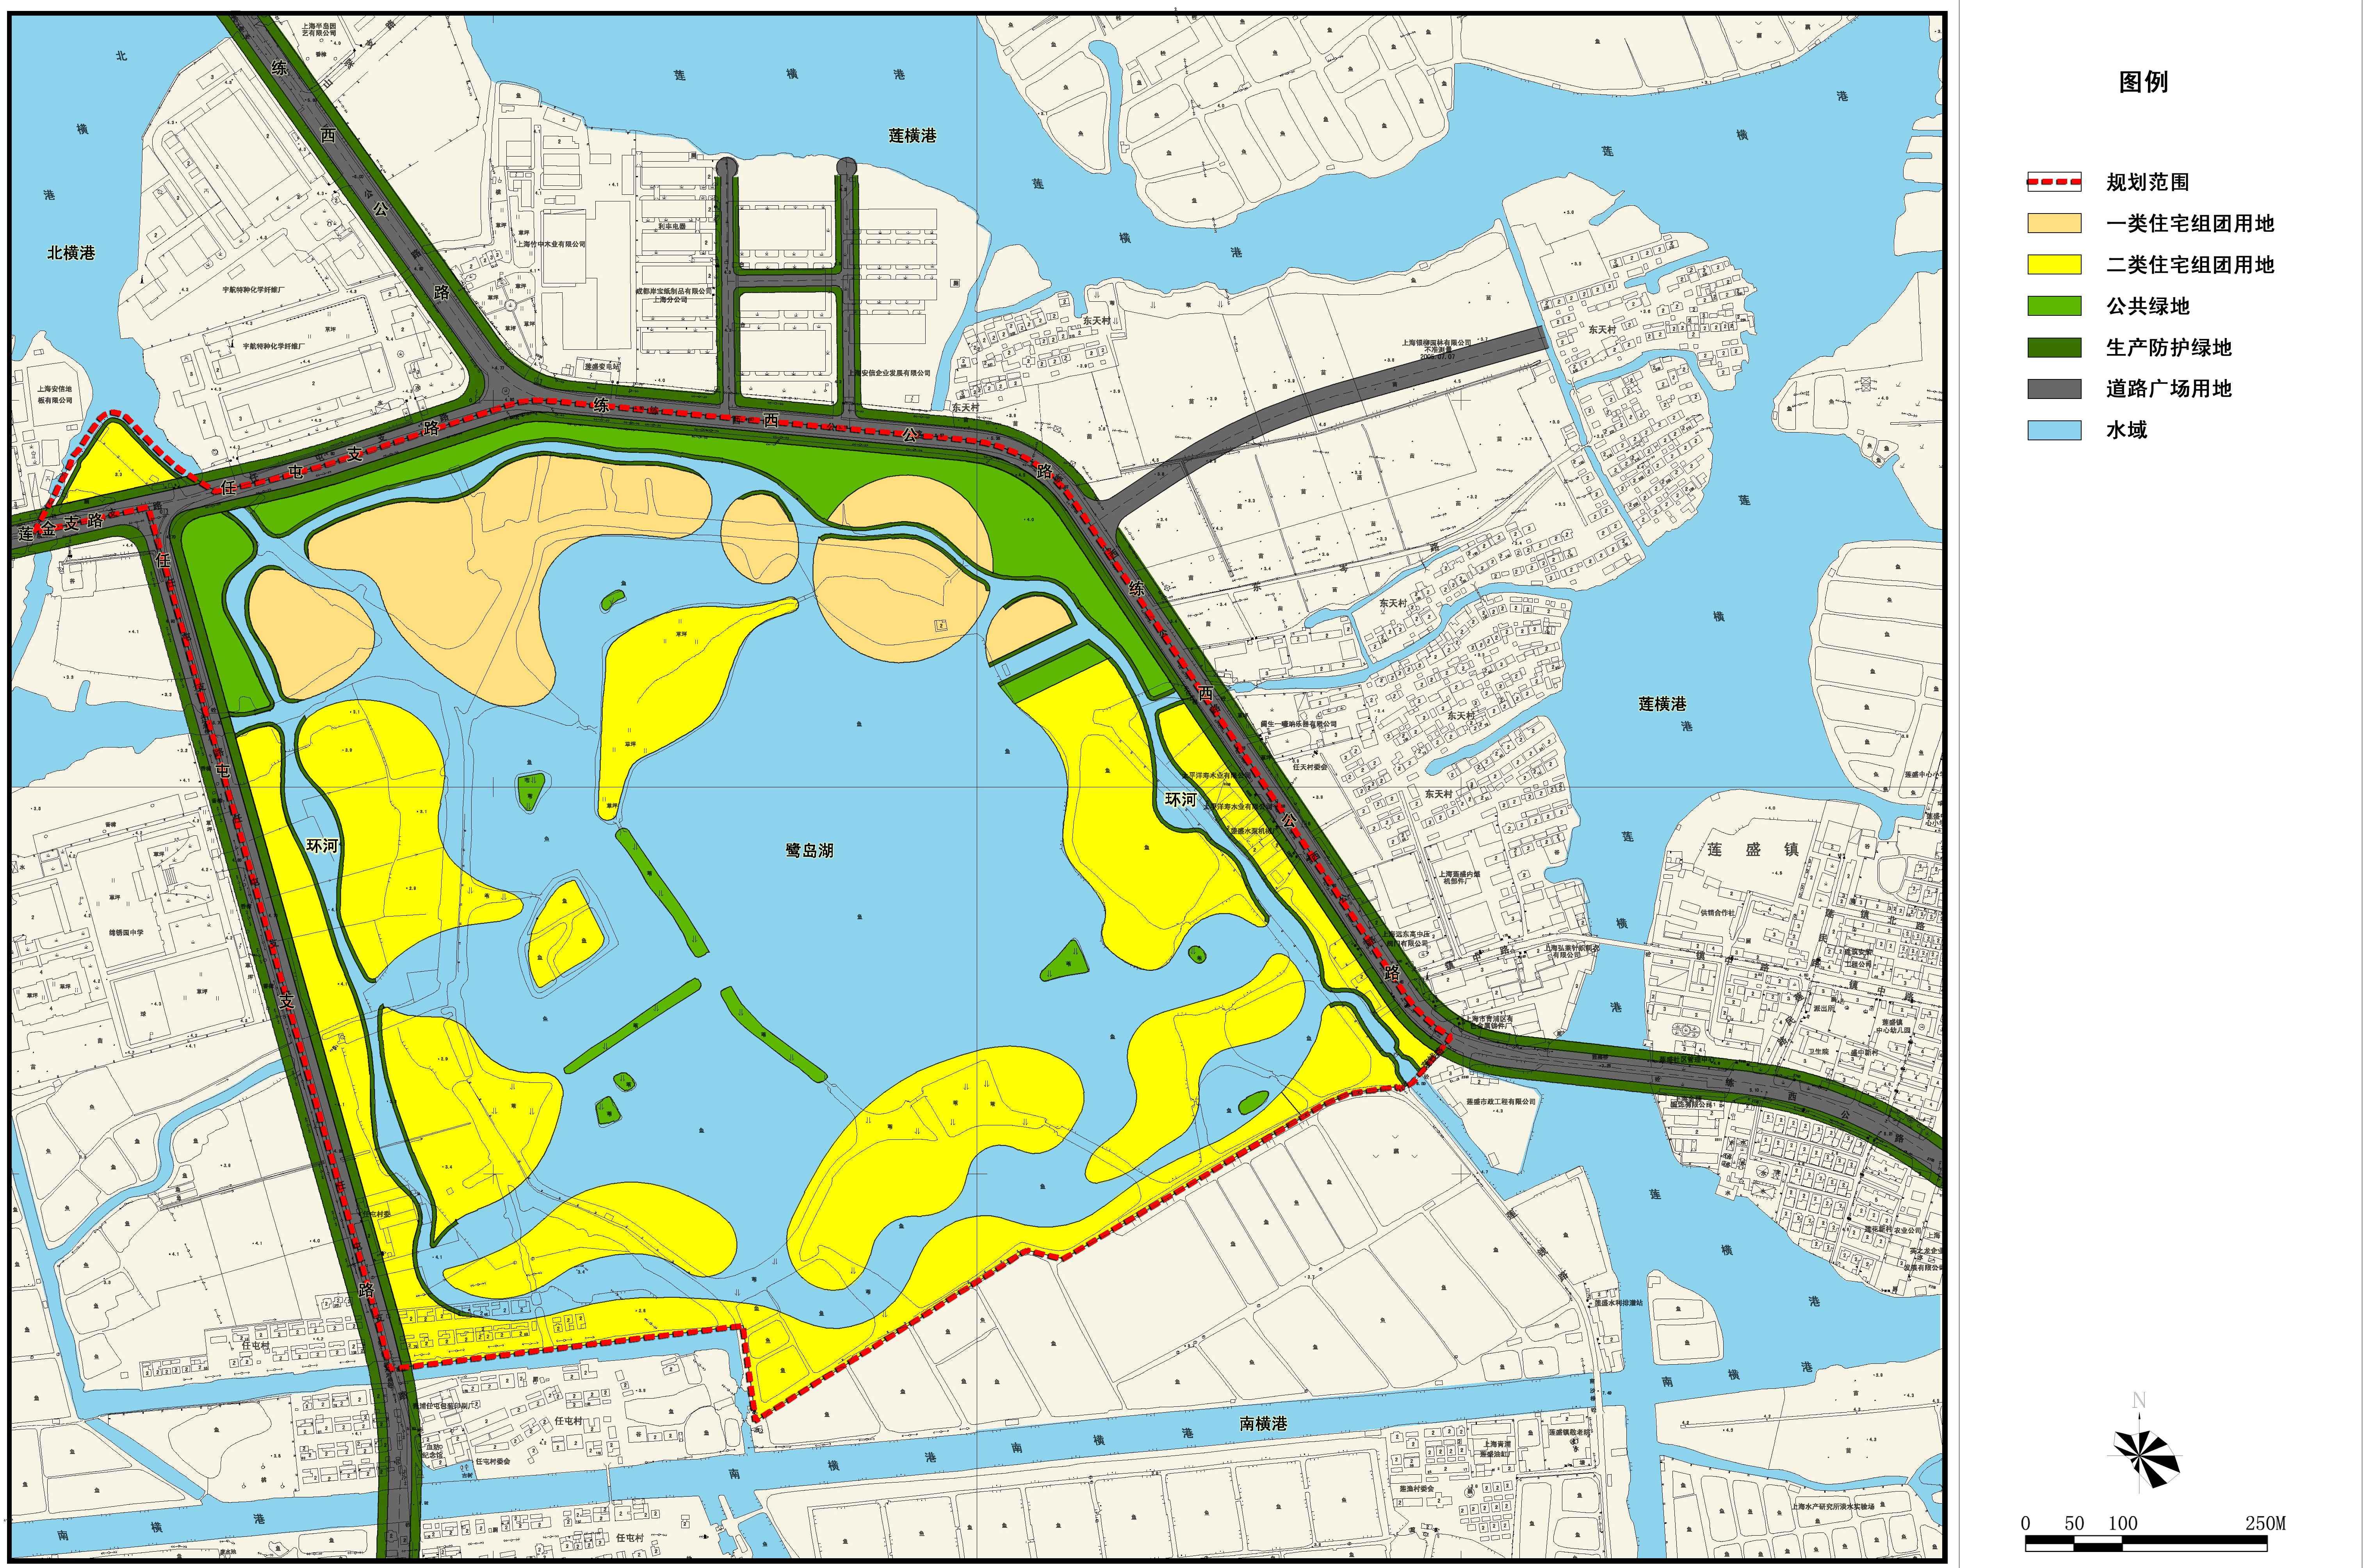 土地使用规划图副本